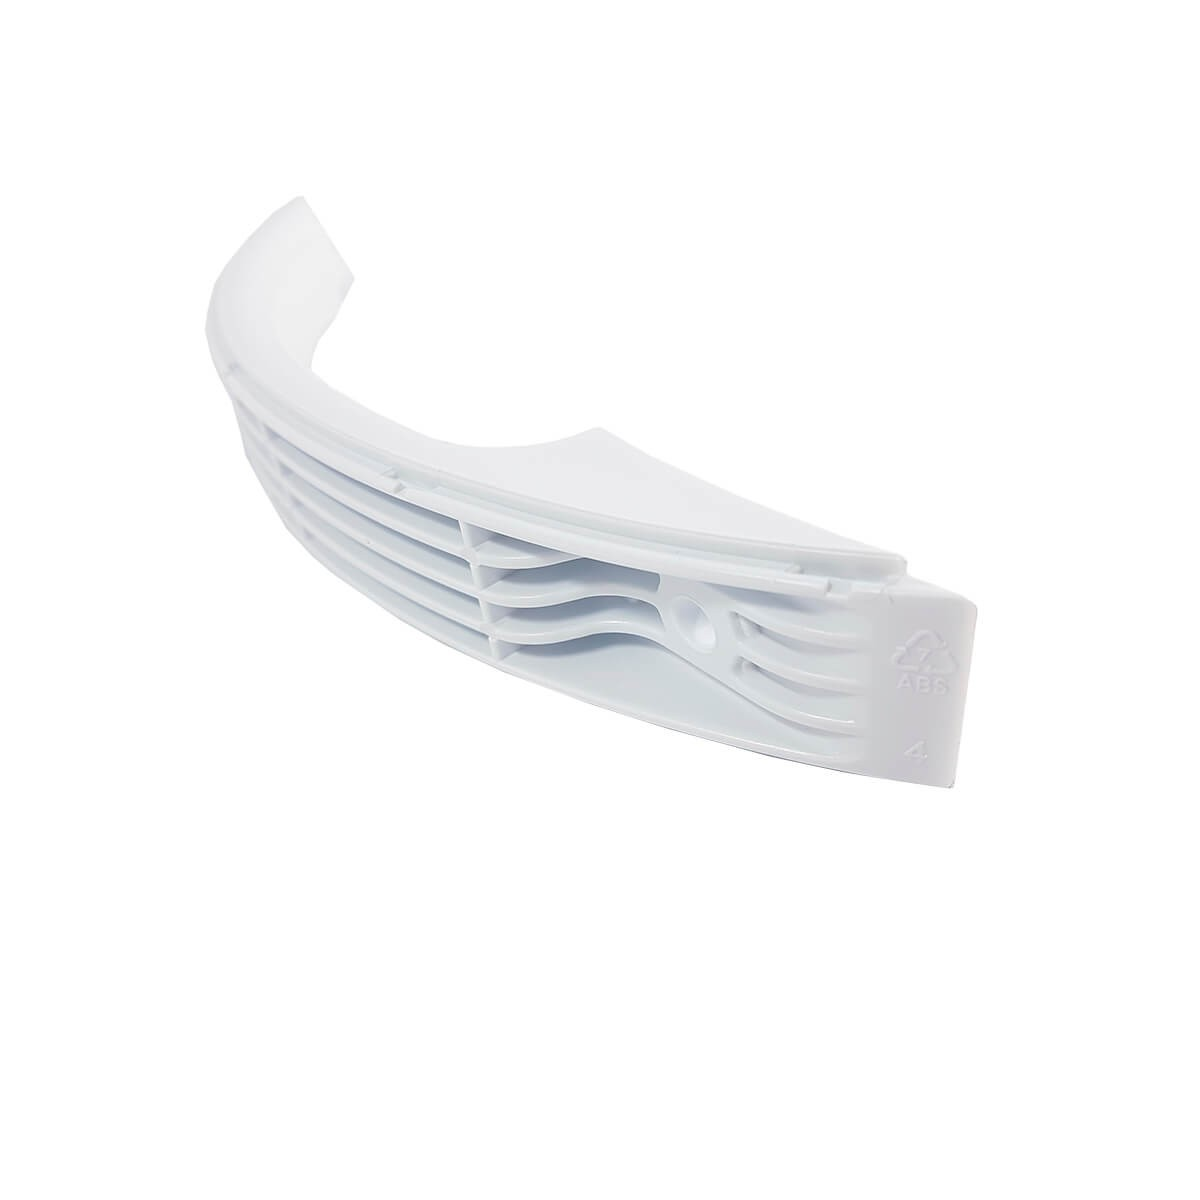 Kit Base Branca Do Puxador + Capa Do Puxador Para Refrigerador Electrolux - 67492896 / 67492897